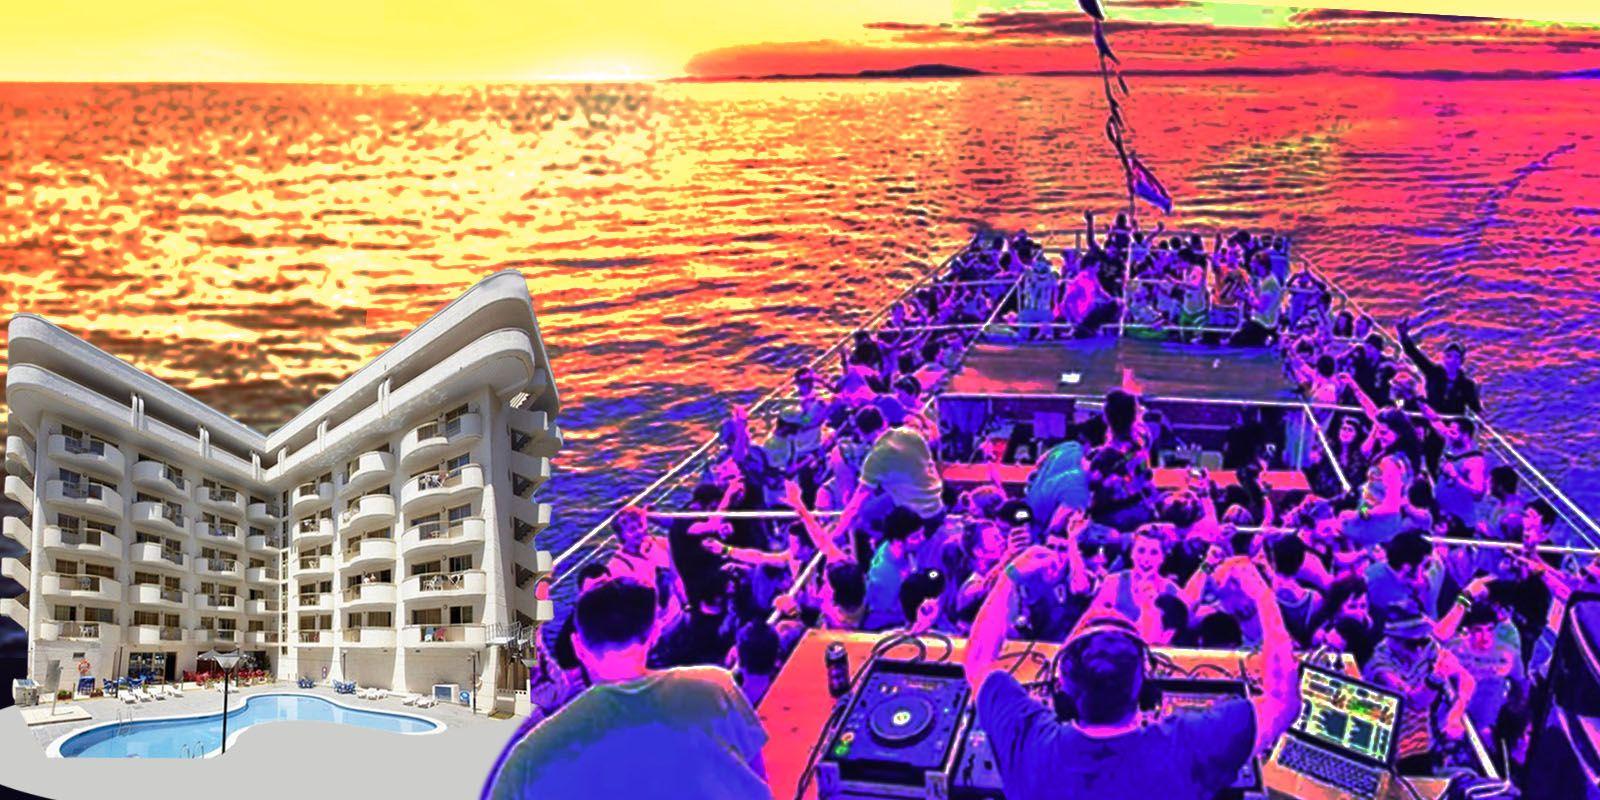 Alojamiento Barco y disco